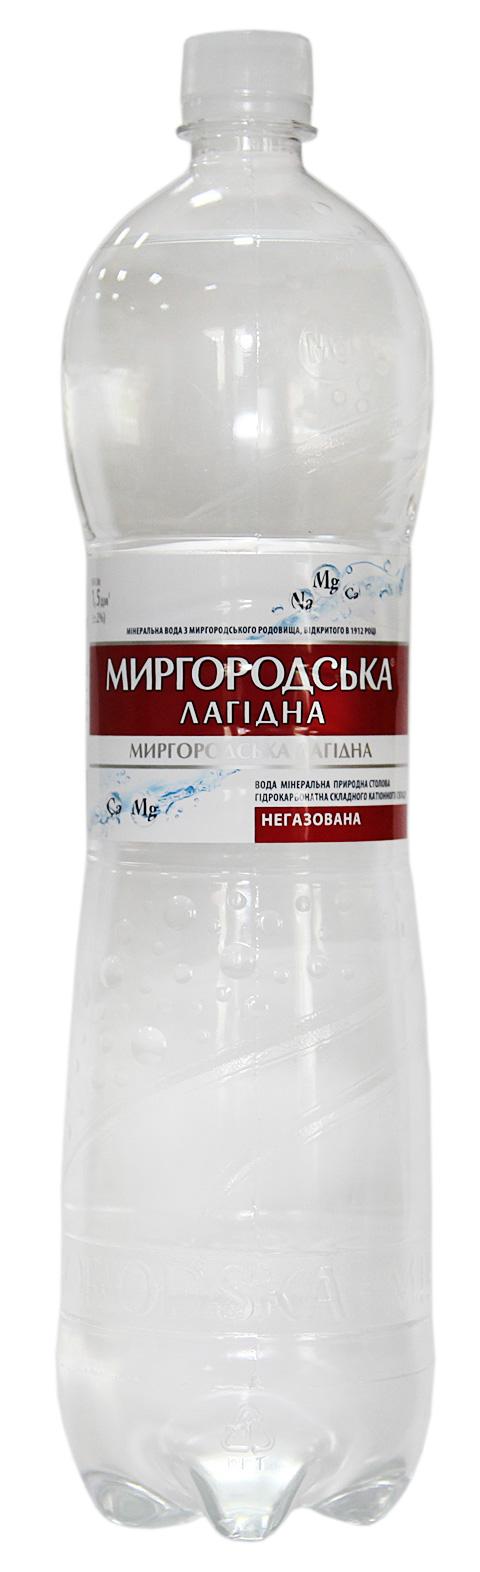 Вода минеральная негазированная Лагидна 0,5л., 12шт./уп., пластиковая бутылка Миргородская - фото 1